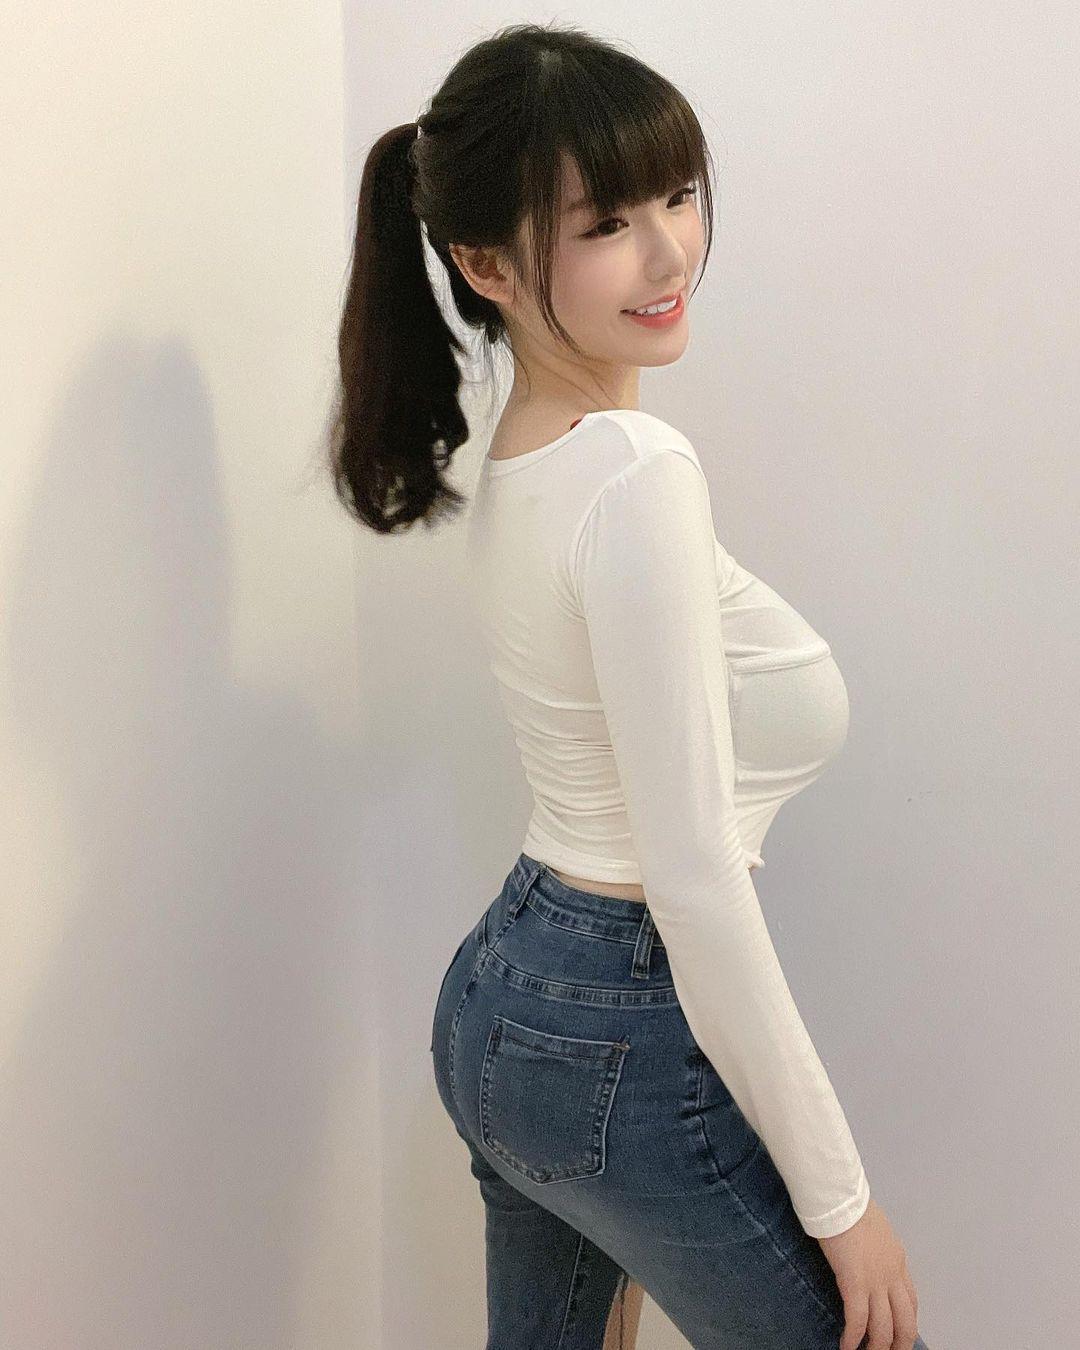 美图精选&高颜值「短发辣妹」路边展现极品好身材!-兔子社